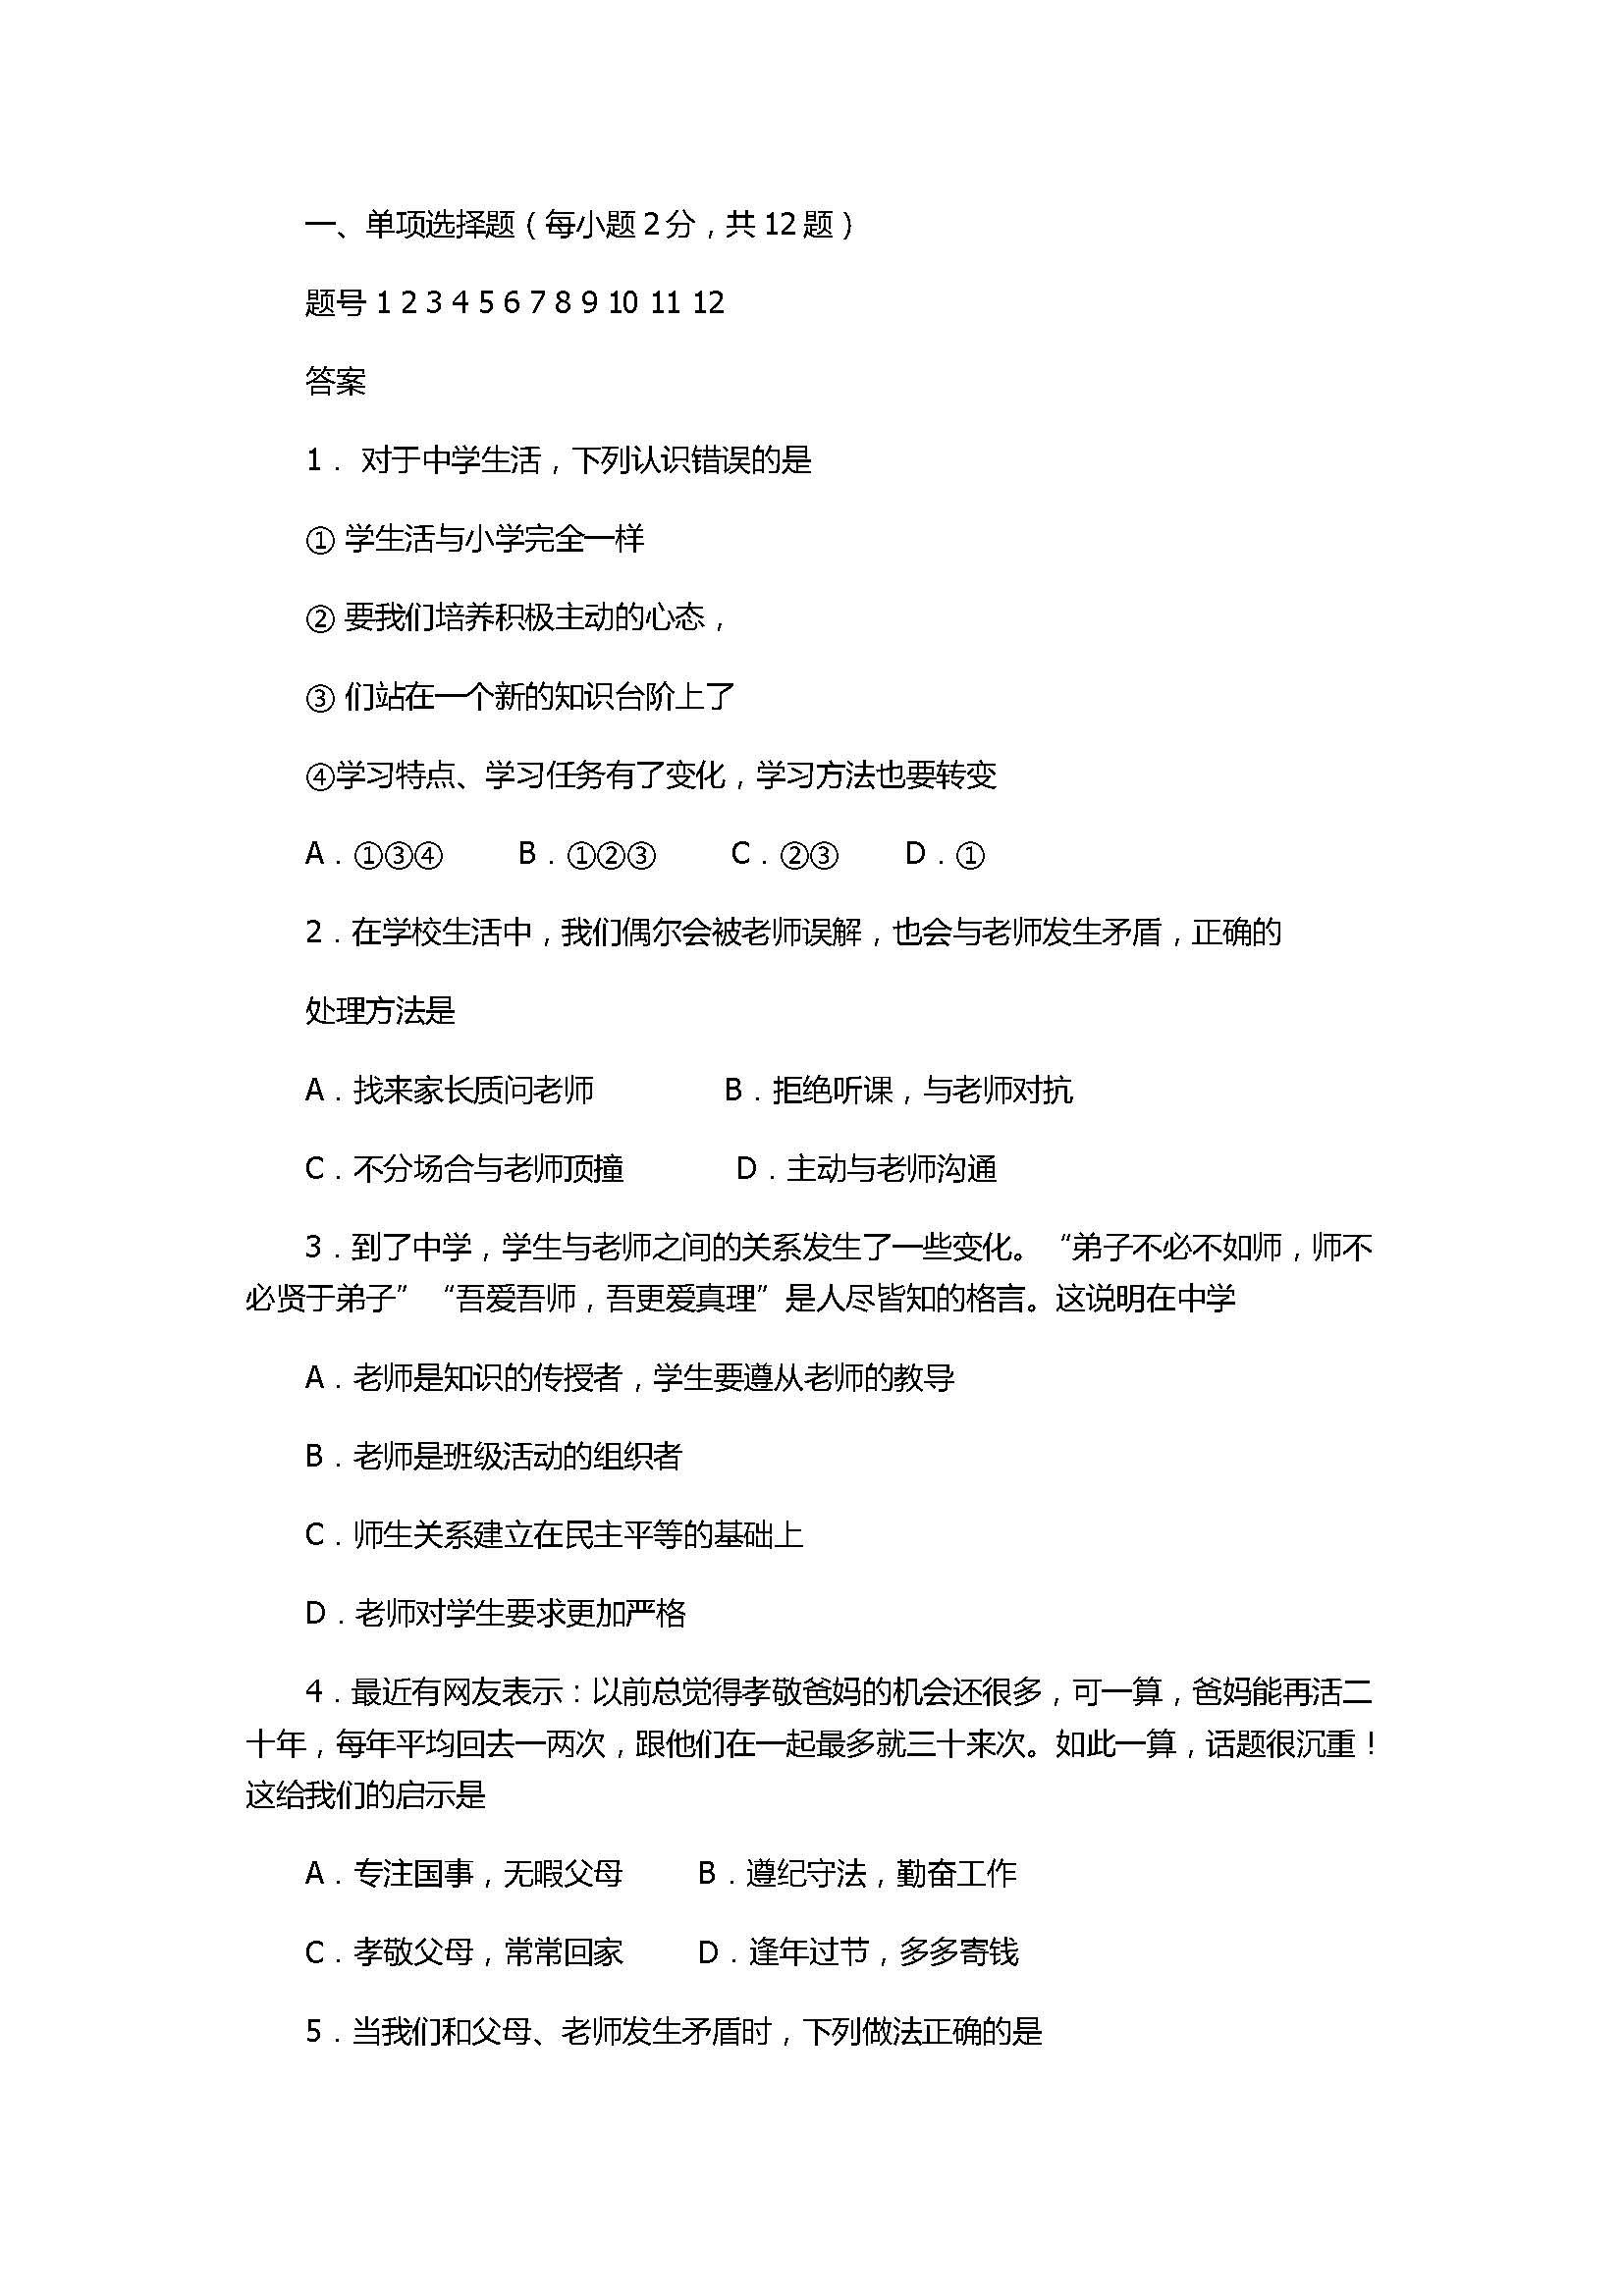 2017七年级道德与法治上册月考试卷附参考答案(洪港中学)